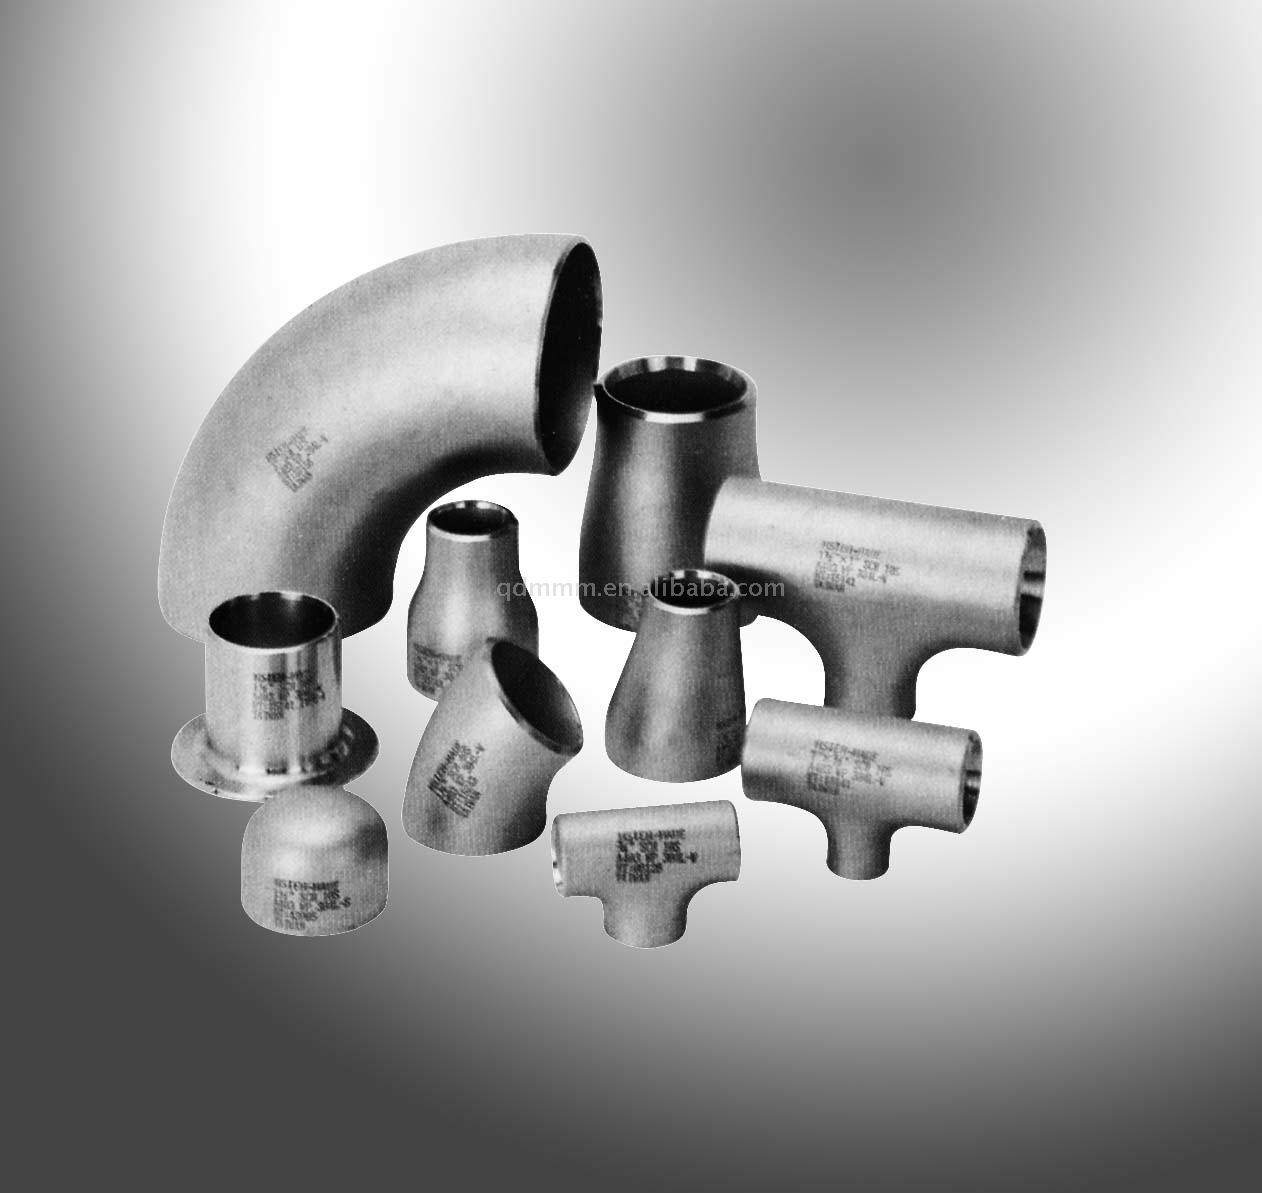 Stainless Steel Fittings (Нержавеющая стальная арматура)